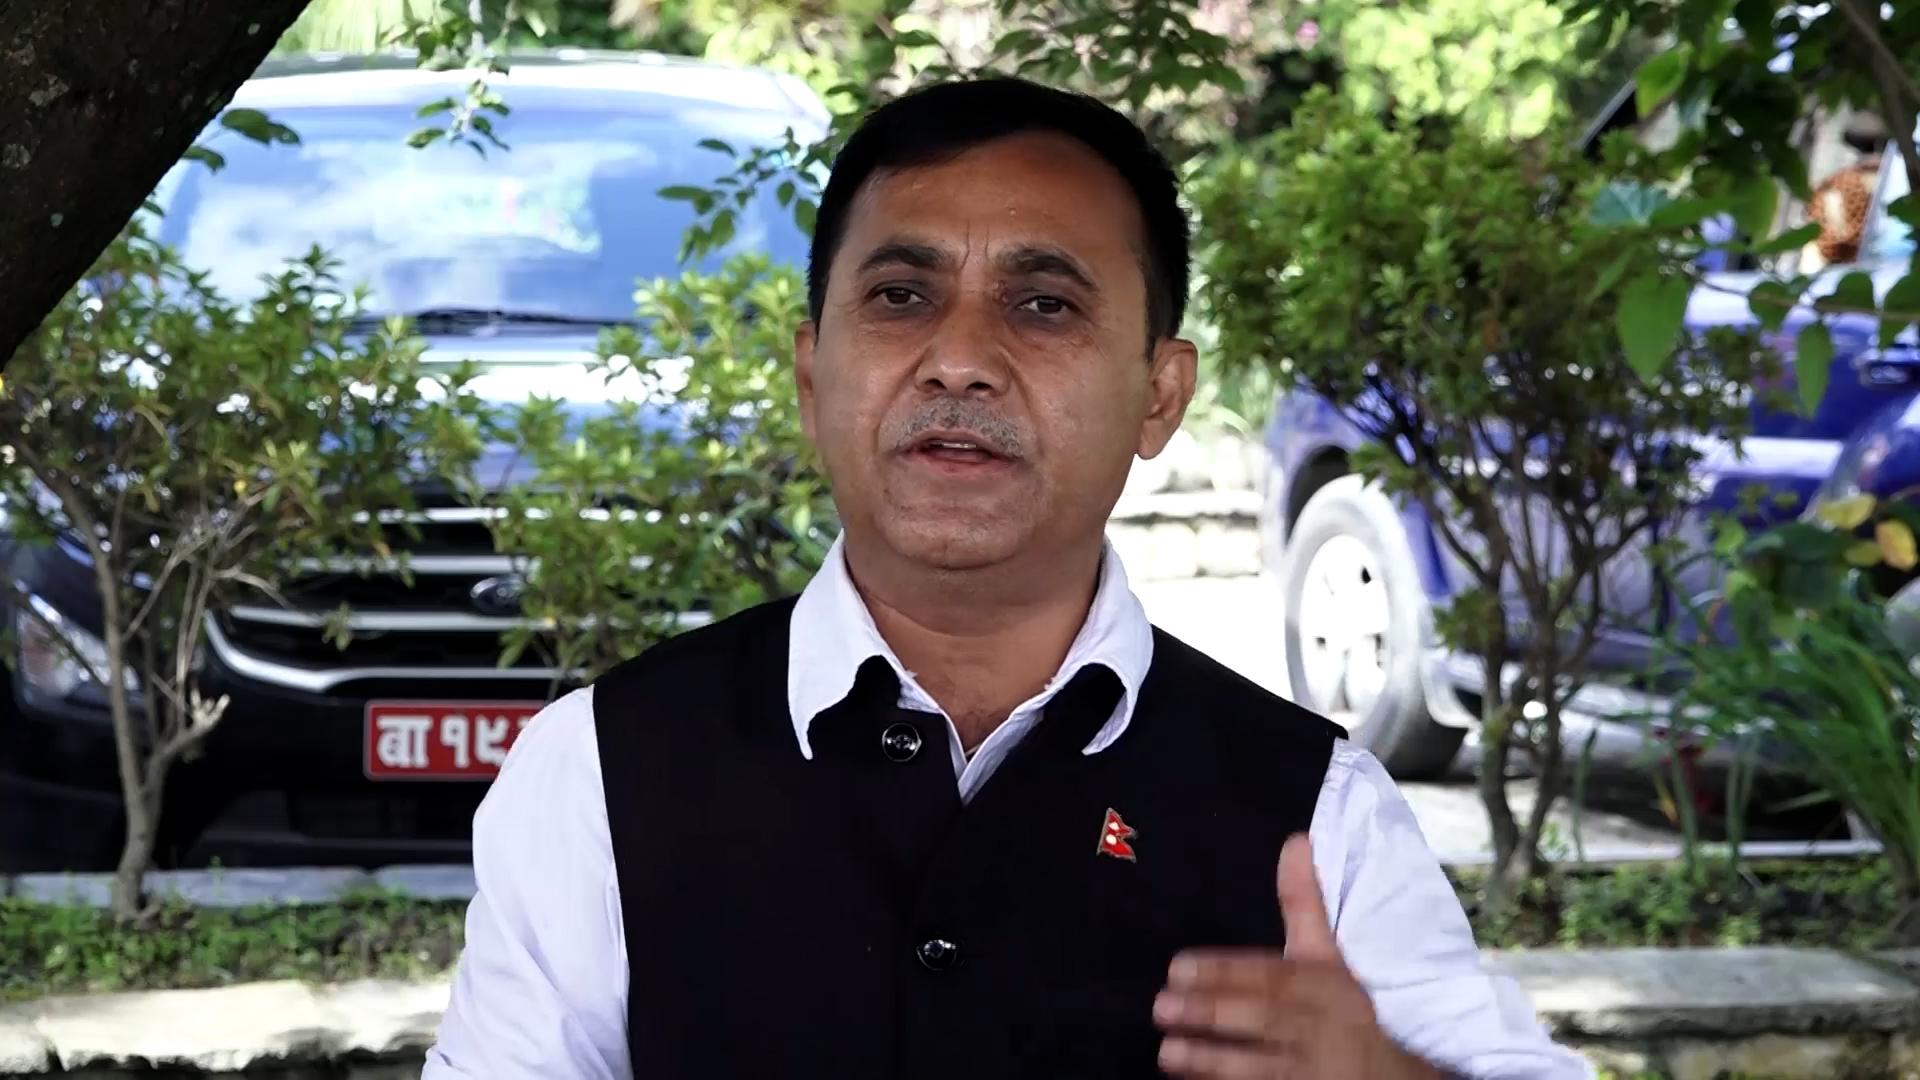 कांग्रेस बैठक : हिमाली जिल्लाका पालिकास्तरीय अधिवेशन अनुमति लिएर सार्न सकिने